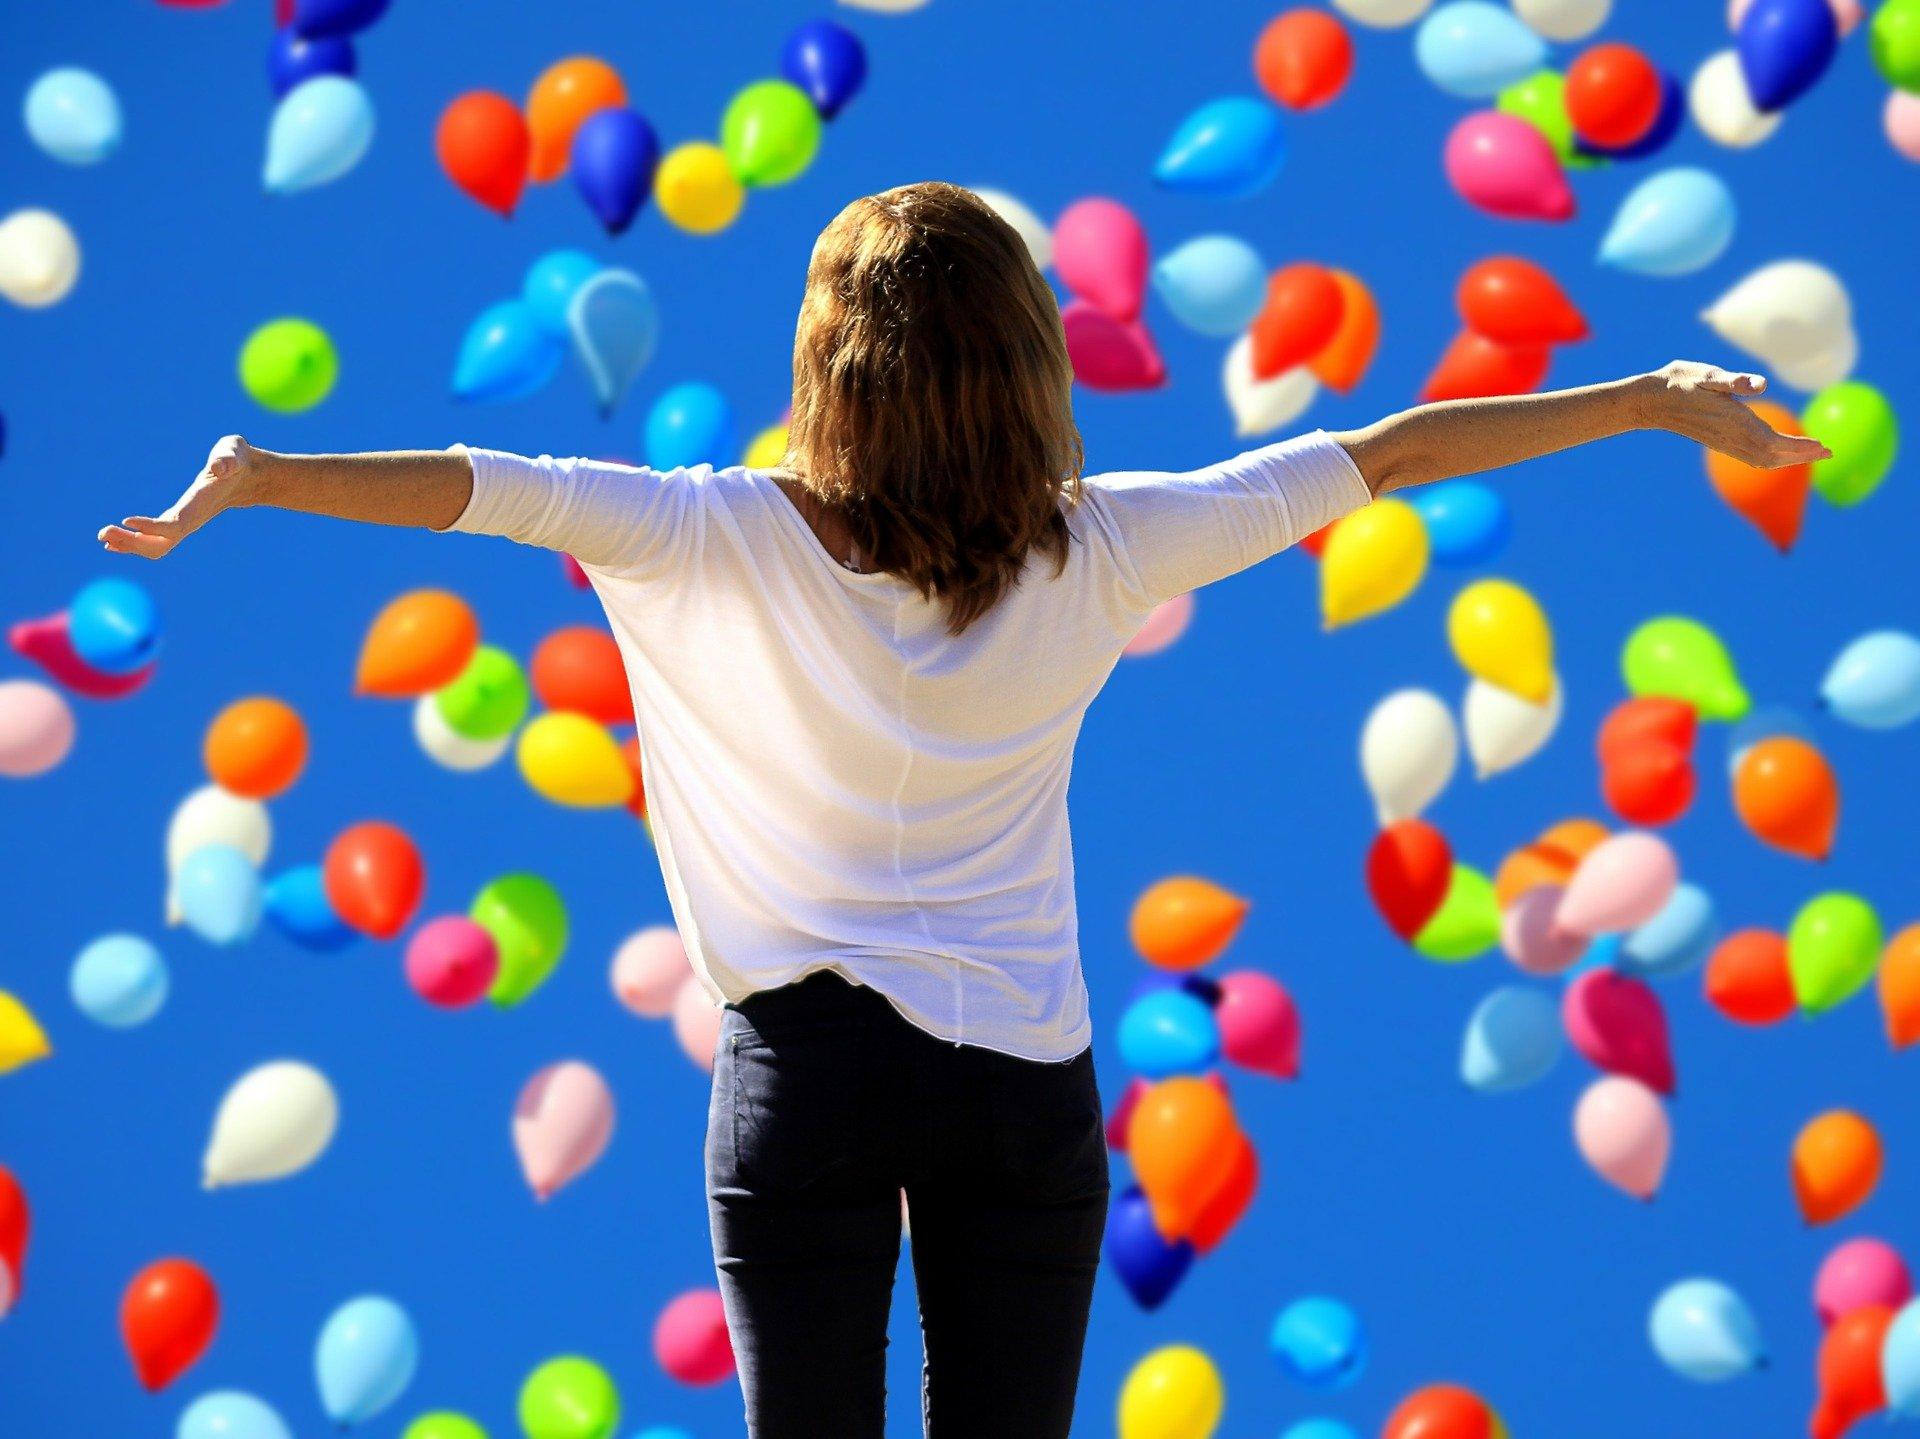 11 نصيحة من علم النفس لزيادة الثقة بالنفس